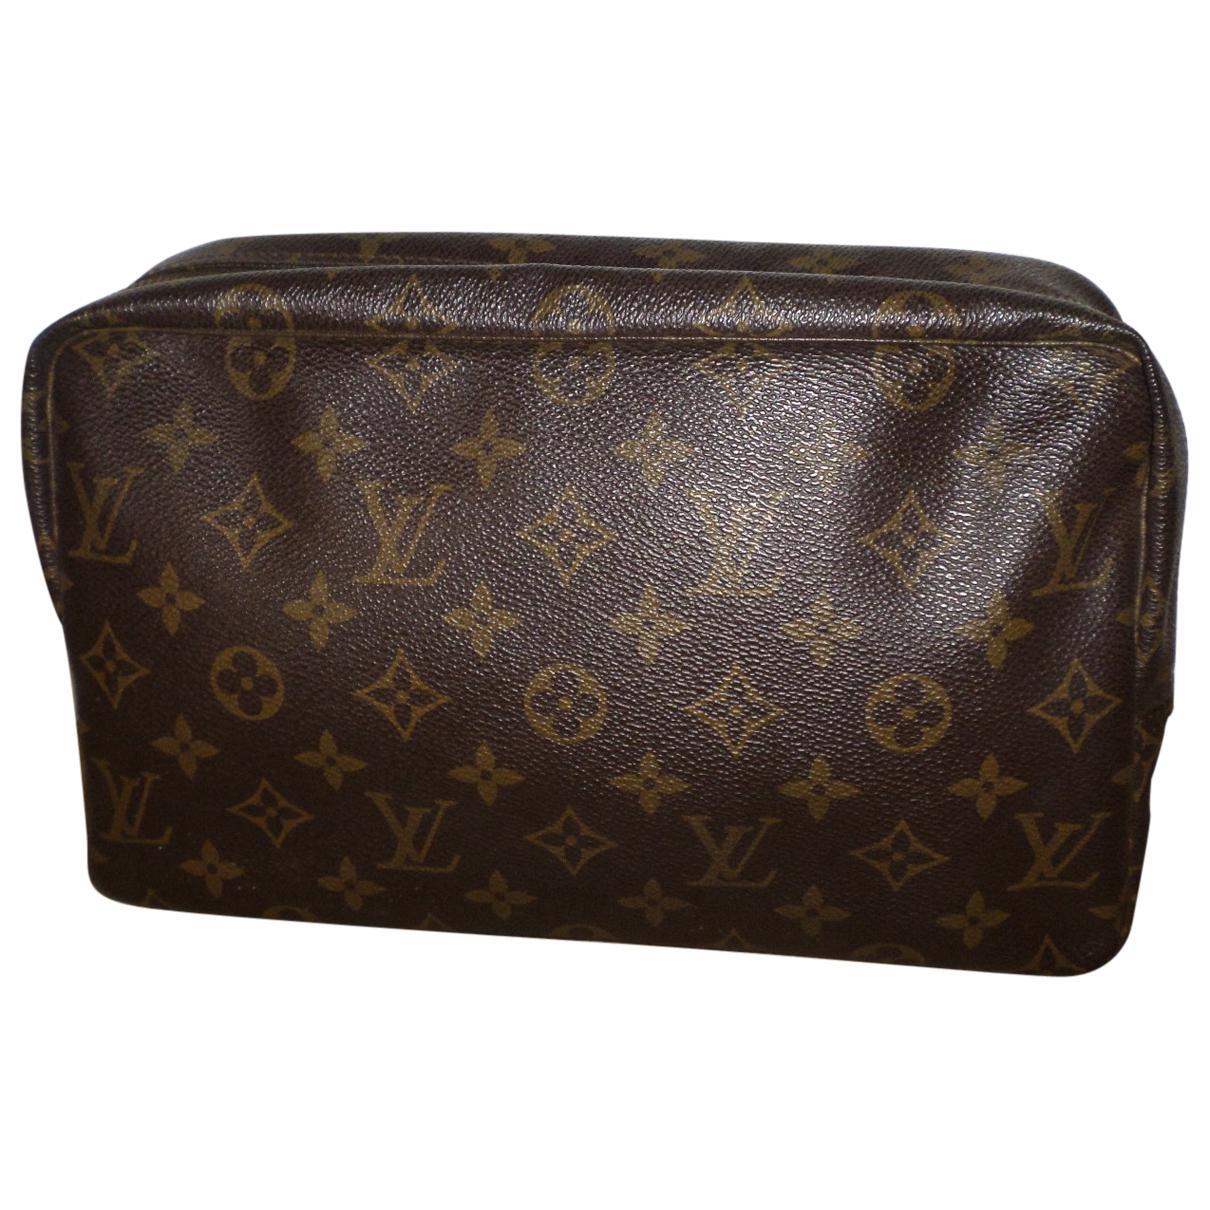 Louis Vuitton Pre-owned - Cloth vanity case q5scjZR8x